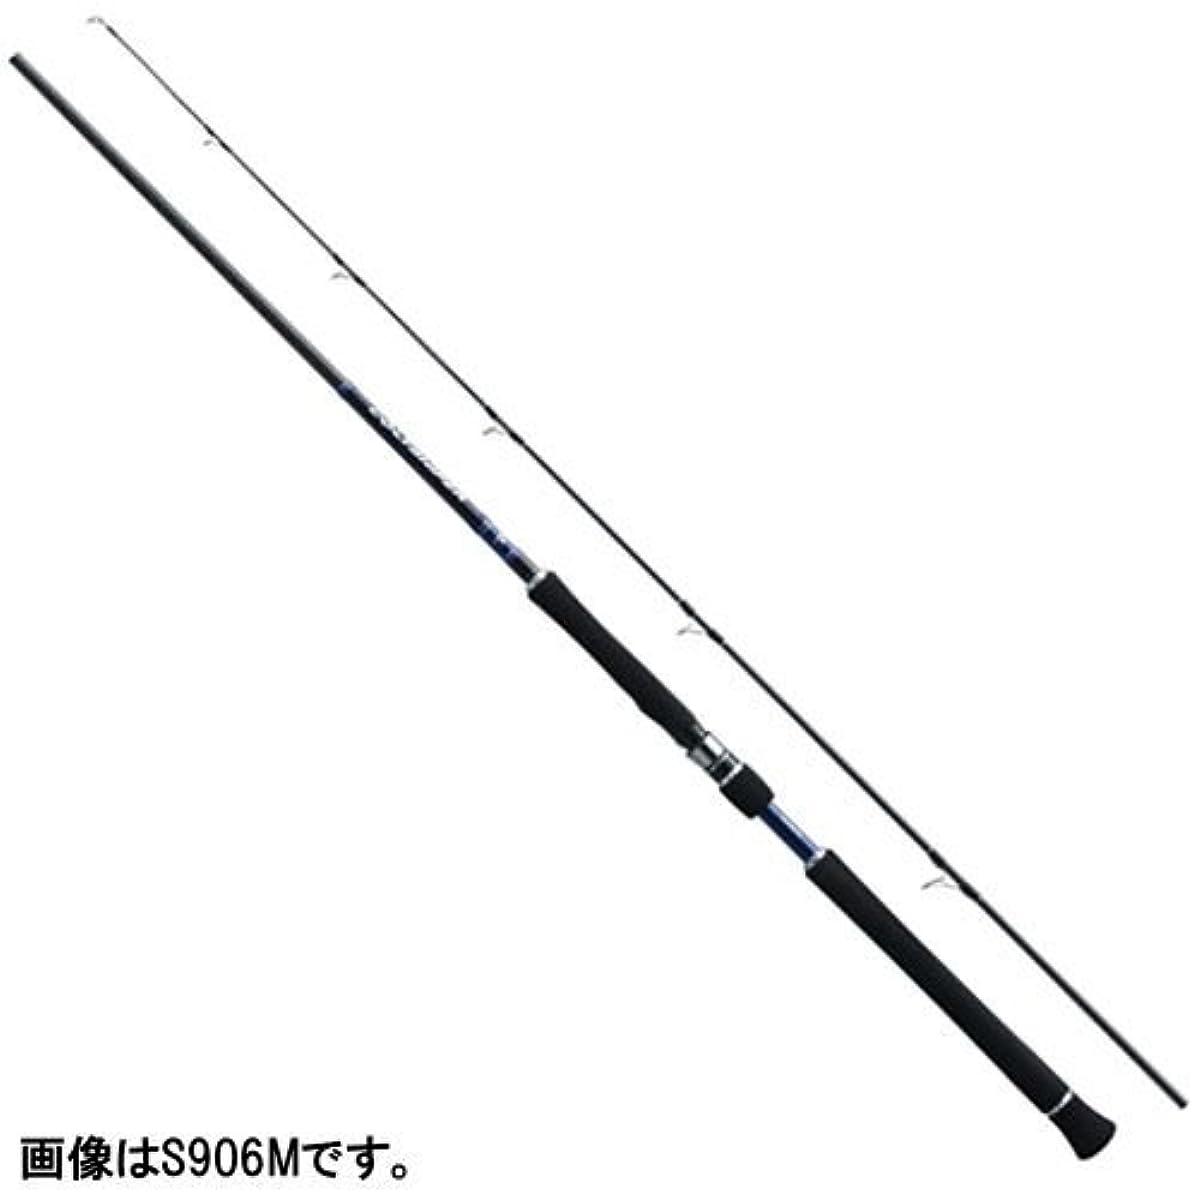 [해외] 시마노 스피닝 로드 콜트 스나이퍼 M파워 쇼어지깅 S1000M10피트